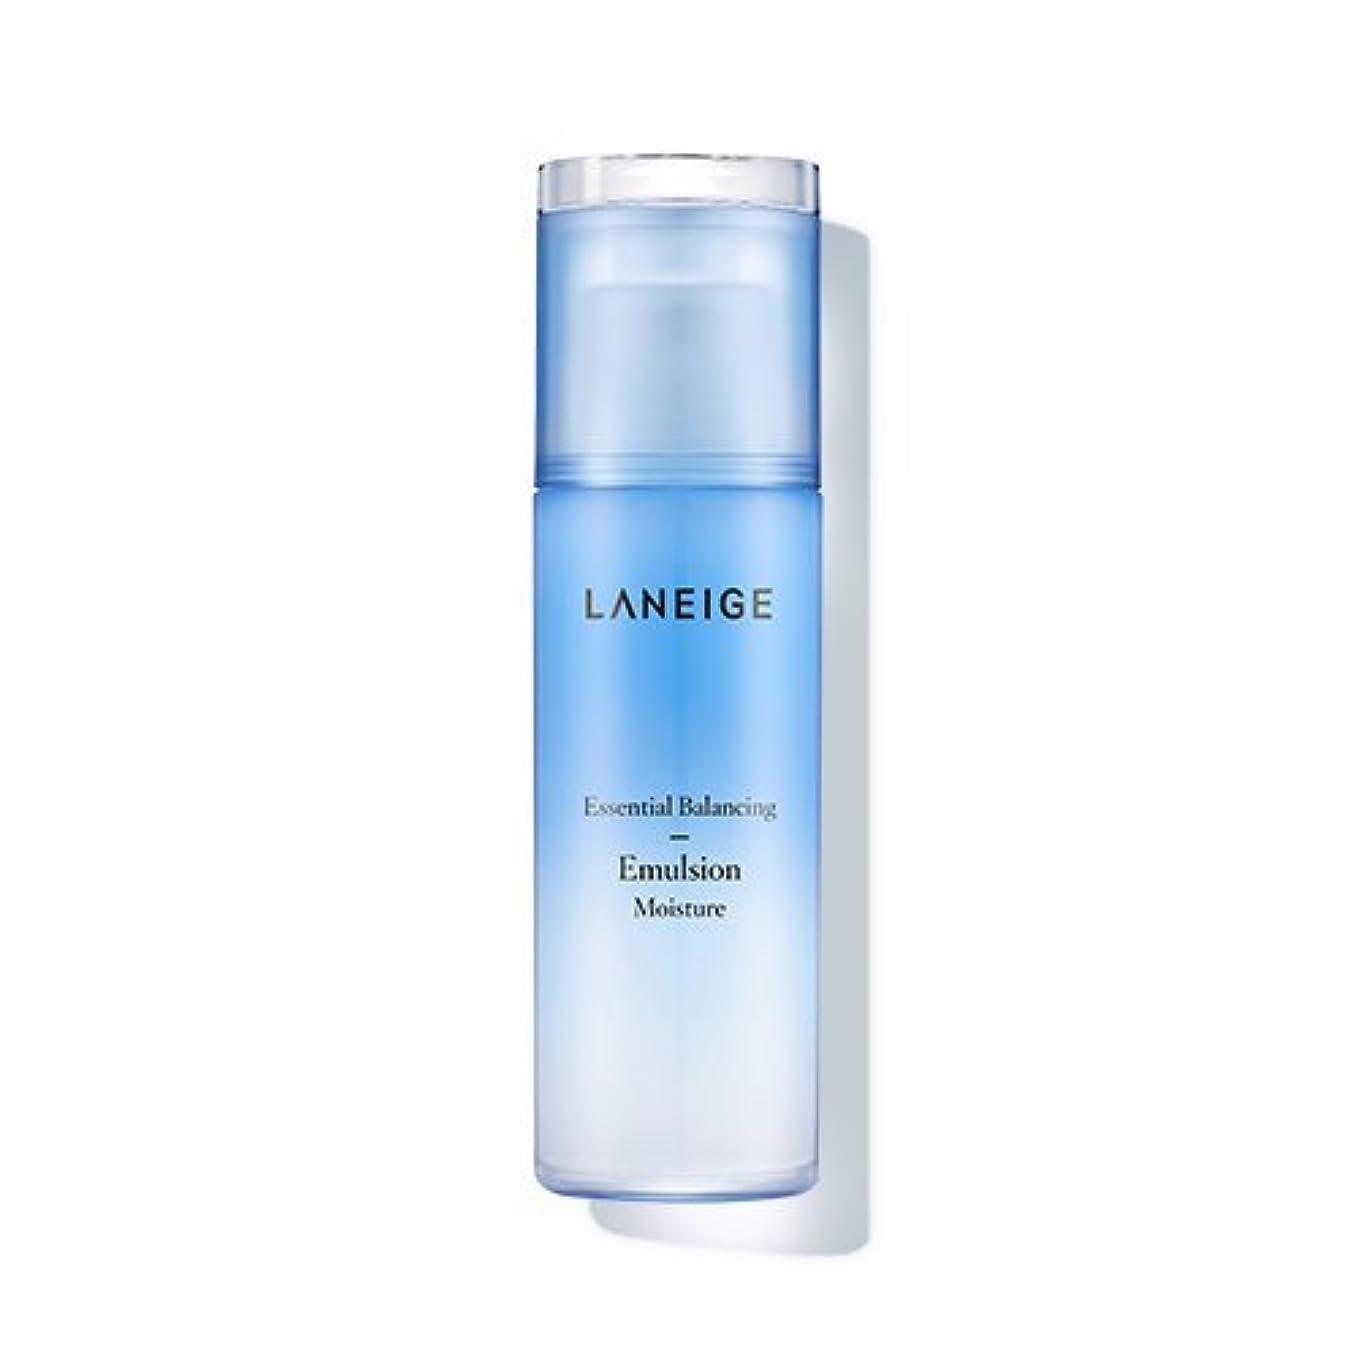 LANEIGE Essential Balancing Emulsion Moisture 120ml/ラネージュ エッセンシャル バランシング エマルジョン モイスチャー 120ml [並行輸入品]